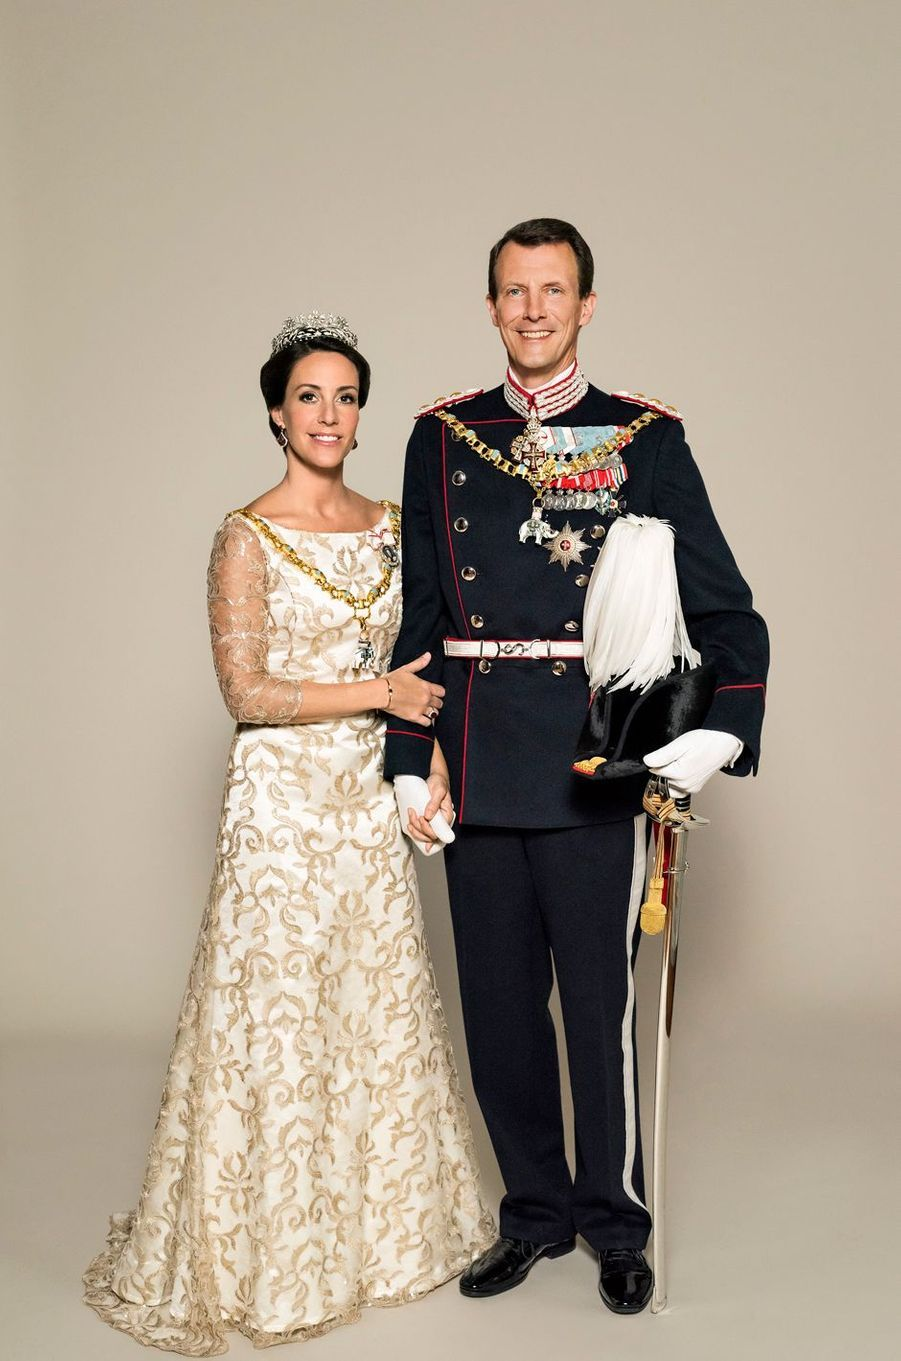 Le prince Joachim et la princesse Marie de Danemark. Photo diffusée le 7 juin 2018